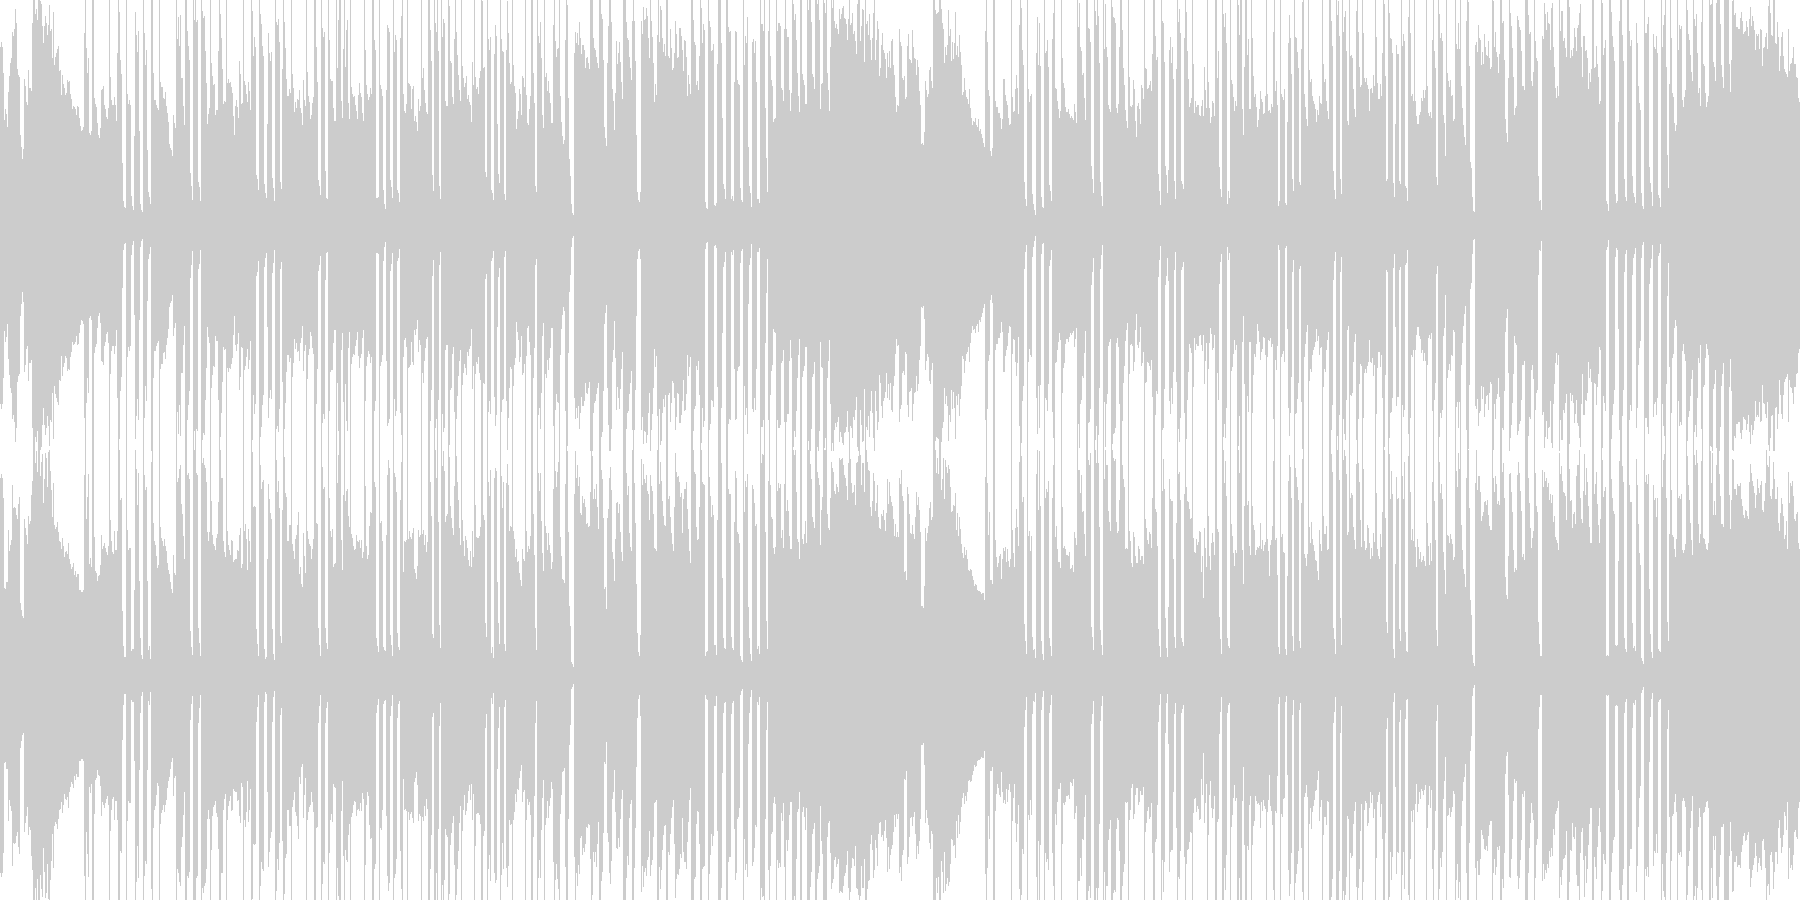 遅くなったり早くなったりする曲の未再生の波形